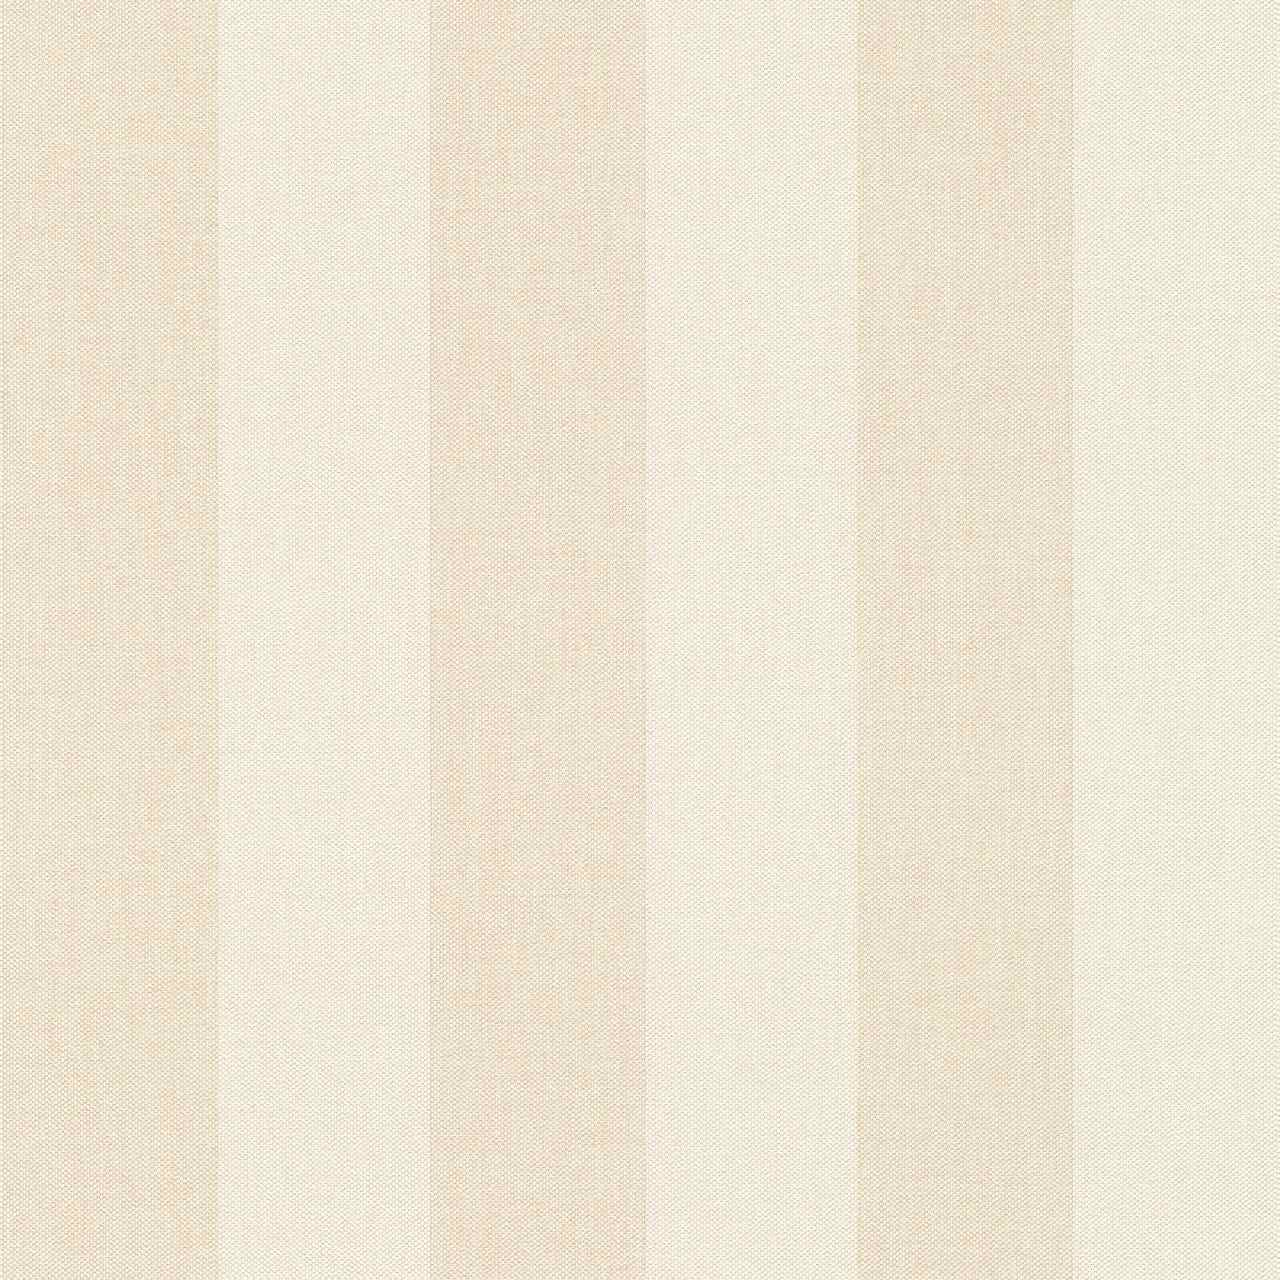 Rasch Tapete Kollektion Poetry 424102 Streifen günstig online kaufen